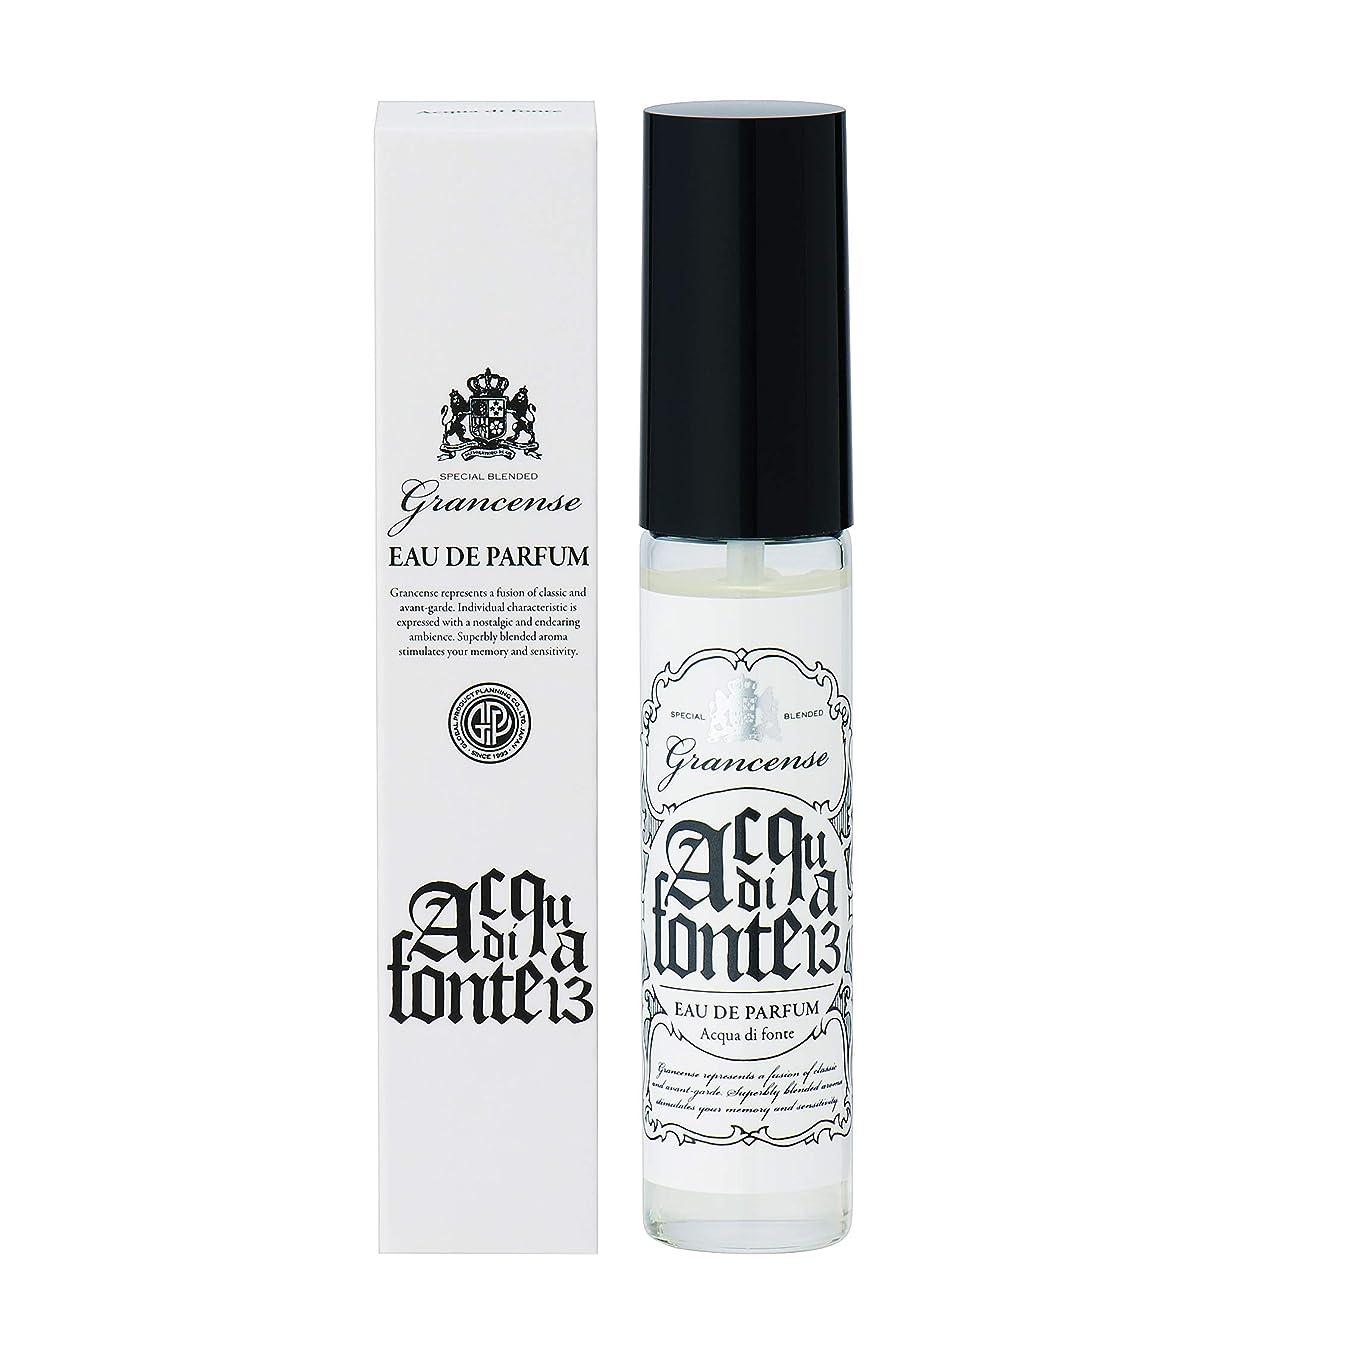 ナプキン大胆な苦しむグランセンス オードパルファム アクアディフォンテ 15ml(香水 携帯用 みずみずしいグリーンノートと深みのあるシダーウッドが響き合う湧き水を思わせるような心安らぐ香り)